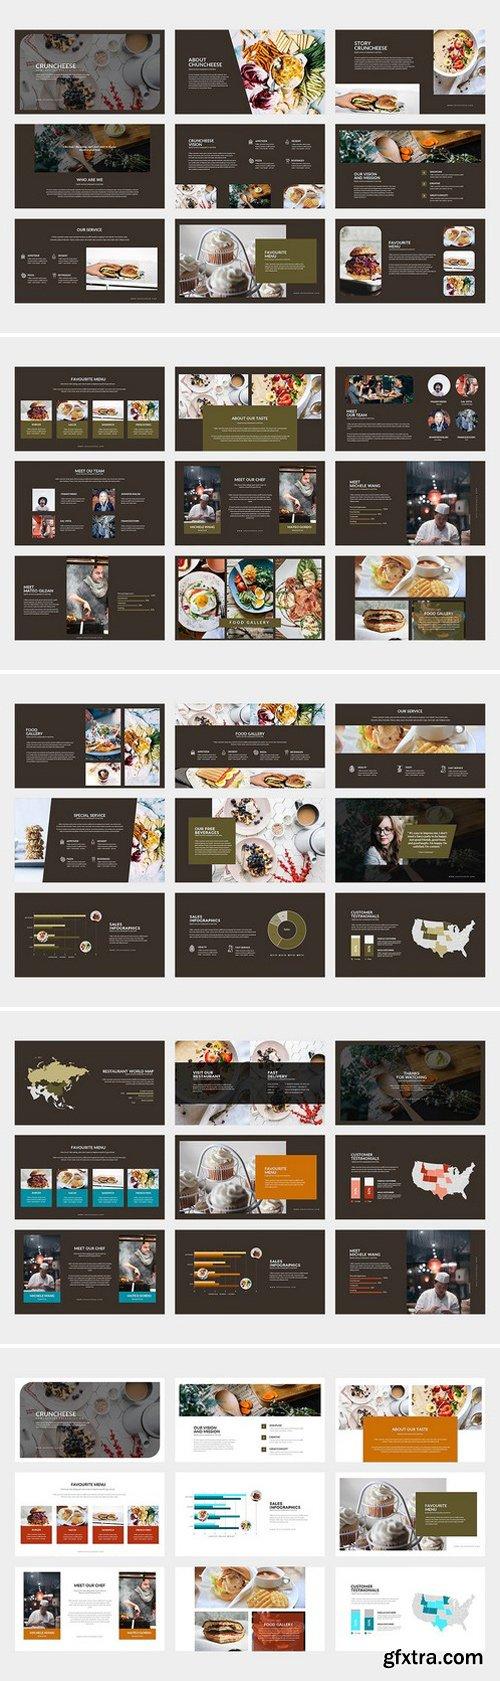 CM - Cruncheese Keynote Presentation 2429019